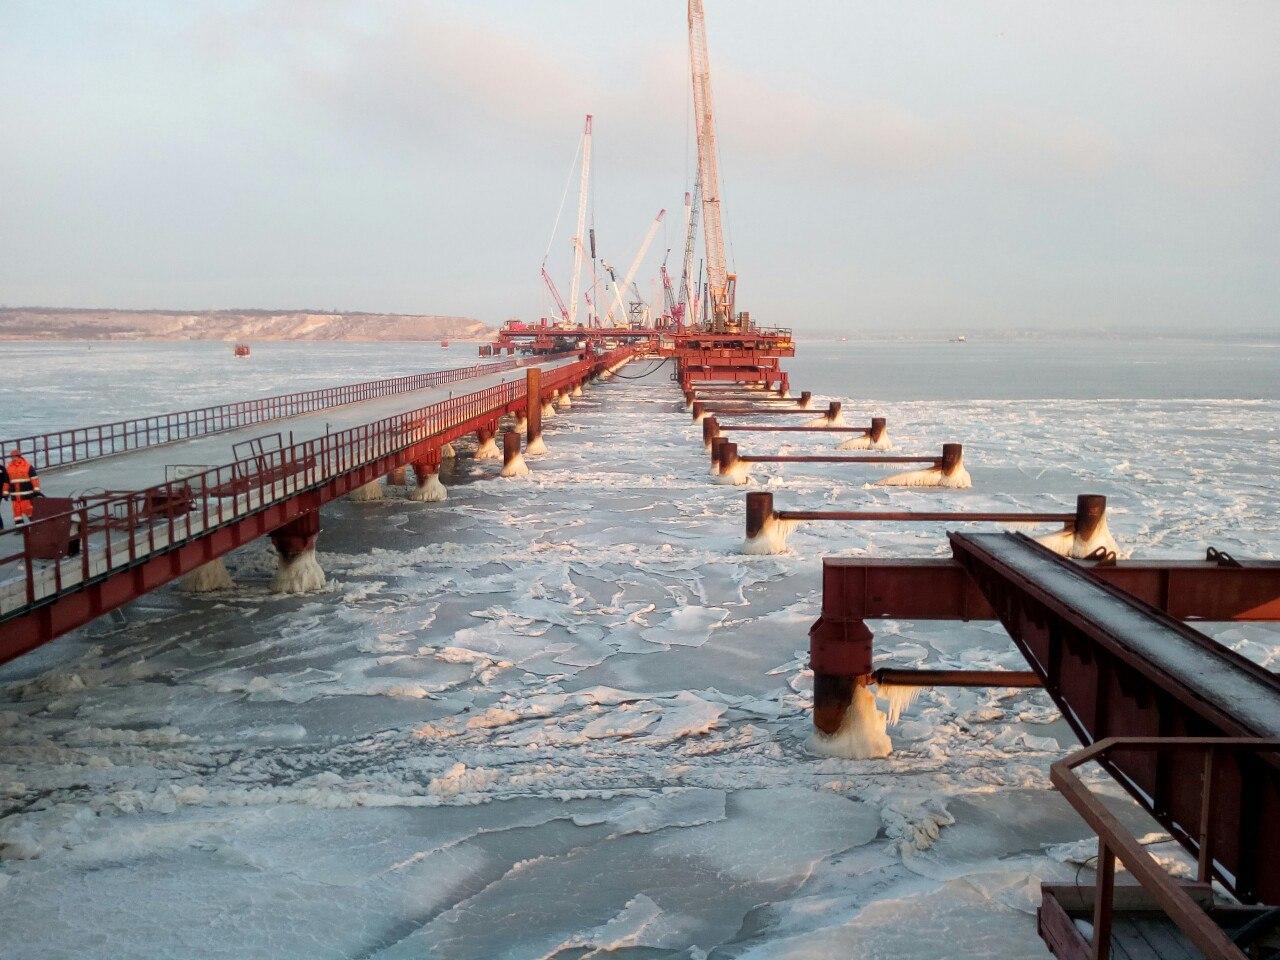 Строительство Керченского моста, 1 февраля 2017 года, лед, но штормы уже прекратились, идут восстановительные работы.